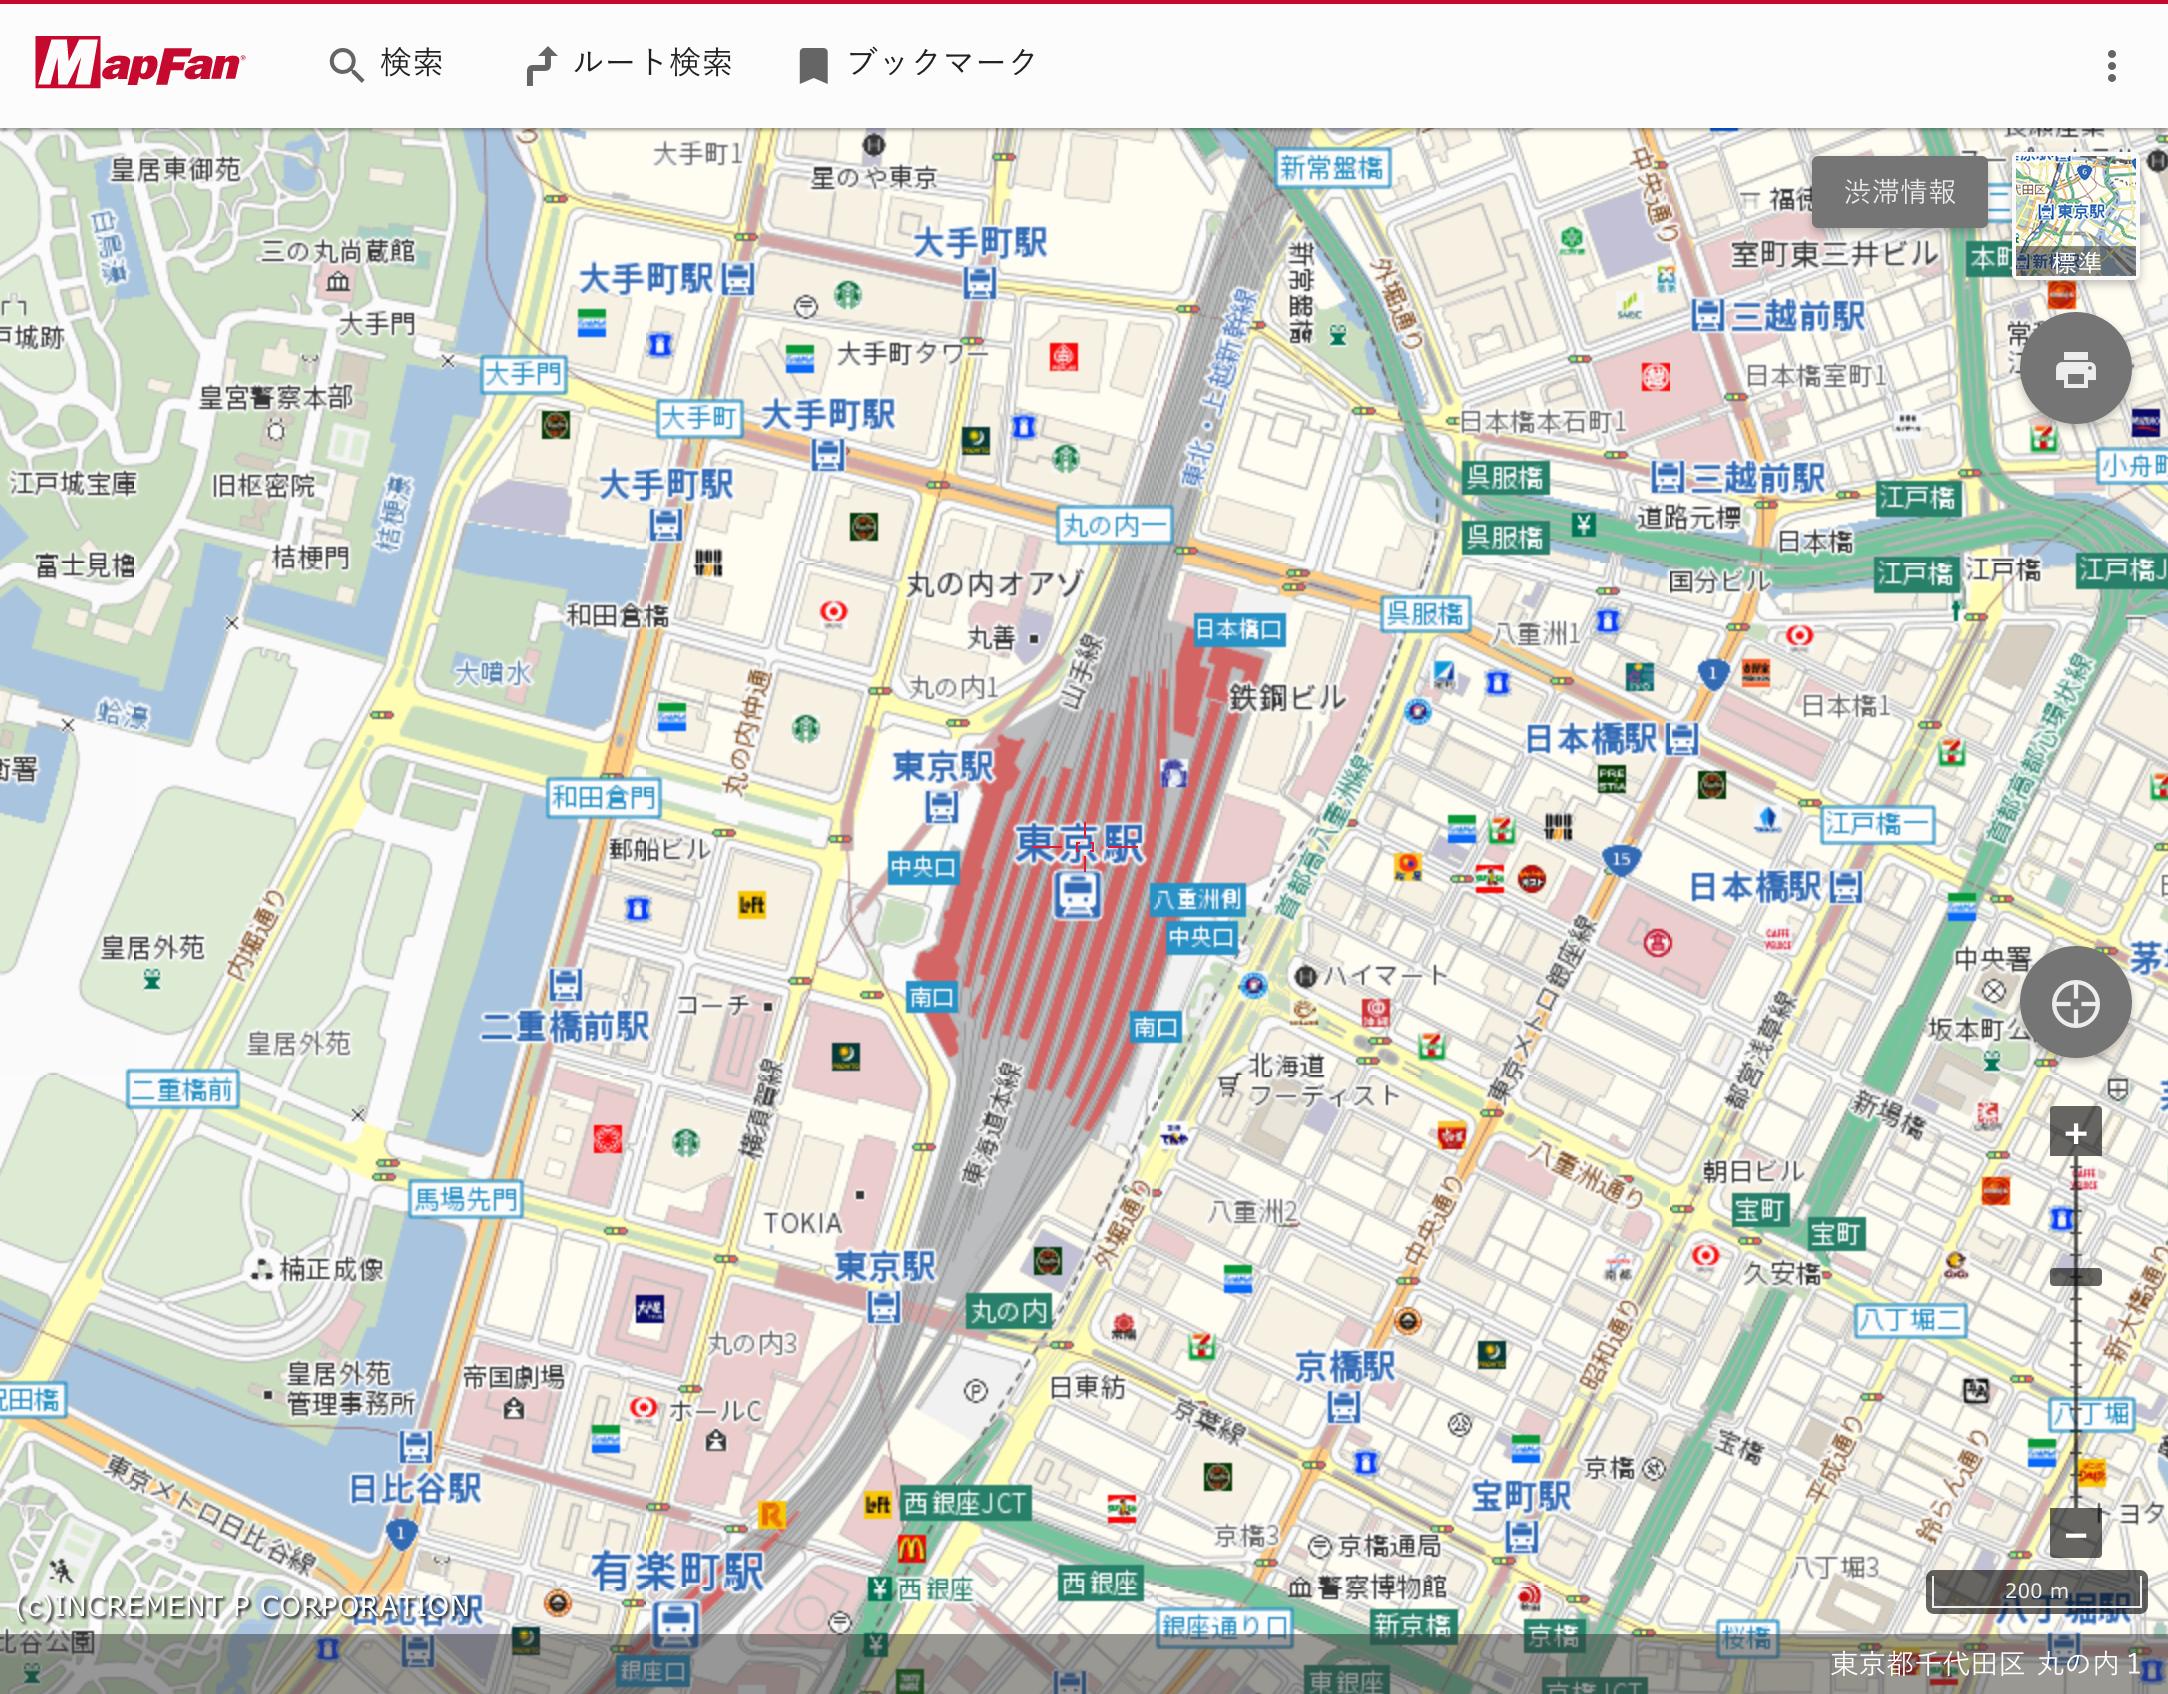 インクリメントPの「MapFan API」を活用した同社の地図サイト「MapFan.com」